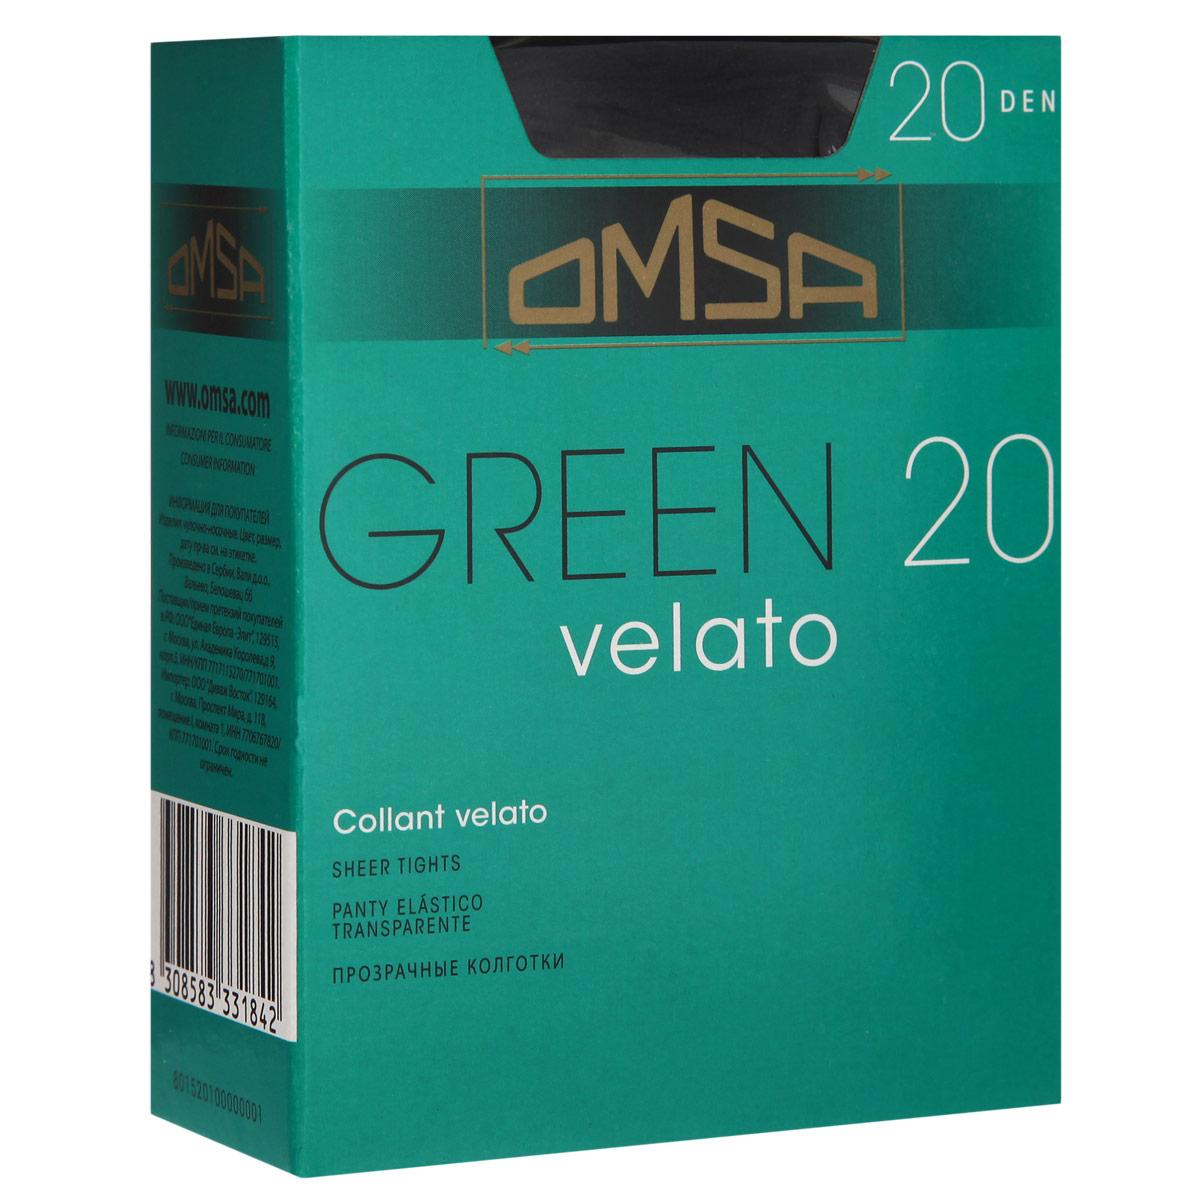 Колготки Omsa Green 20. Nero (черный). Размер 4-L